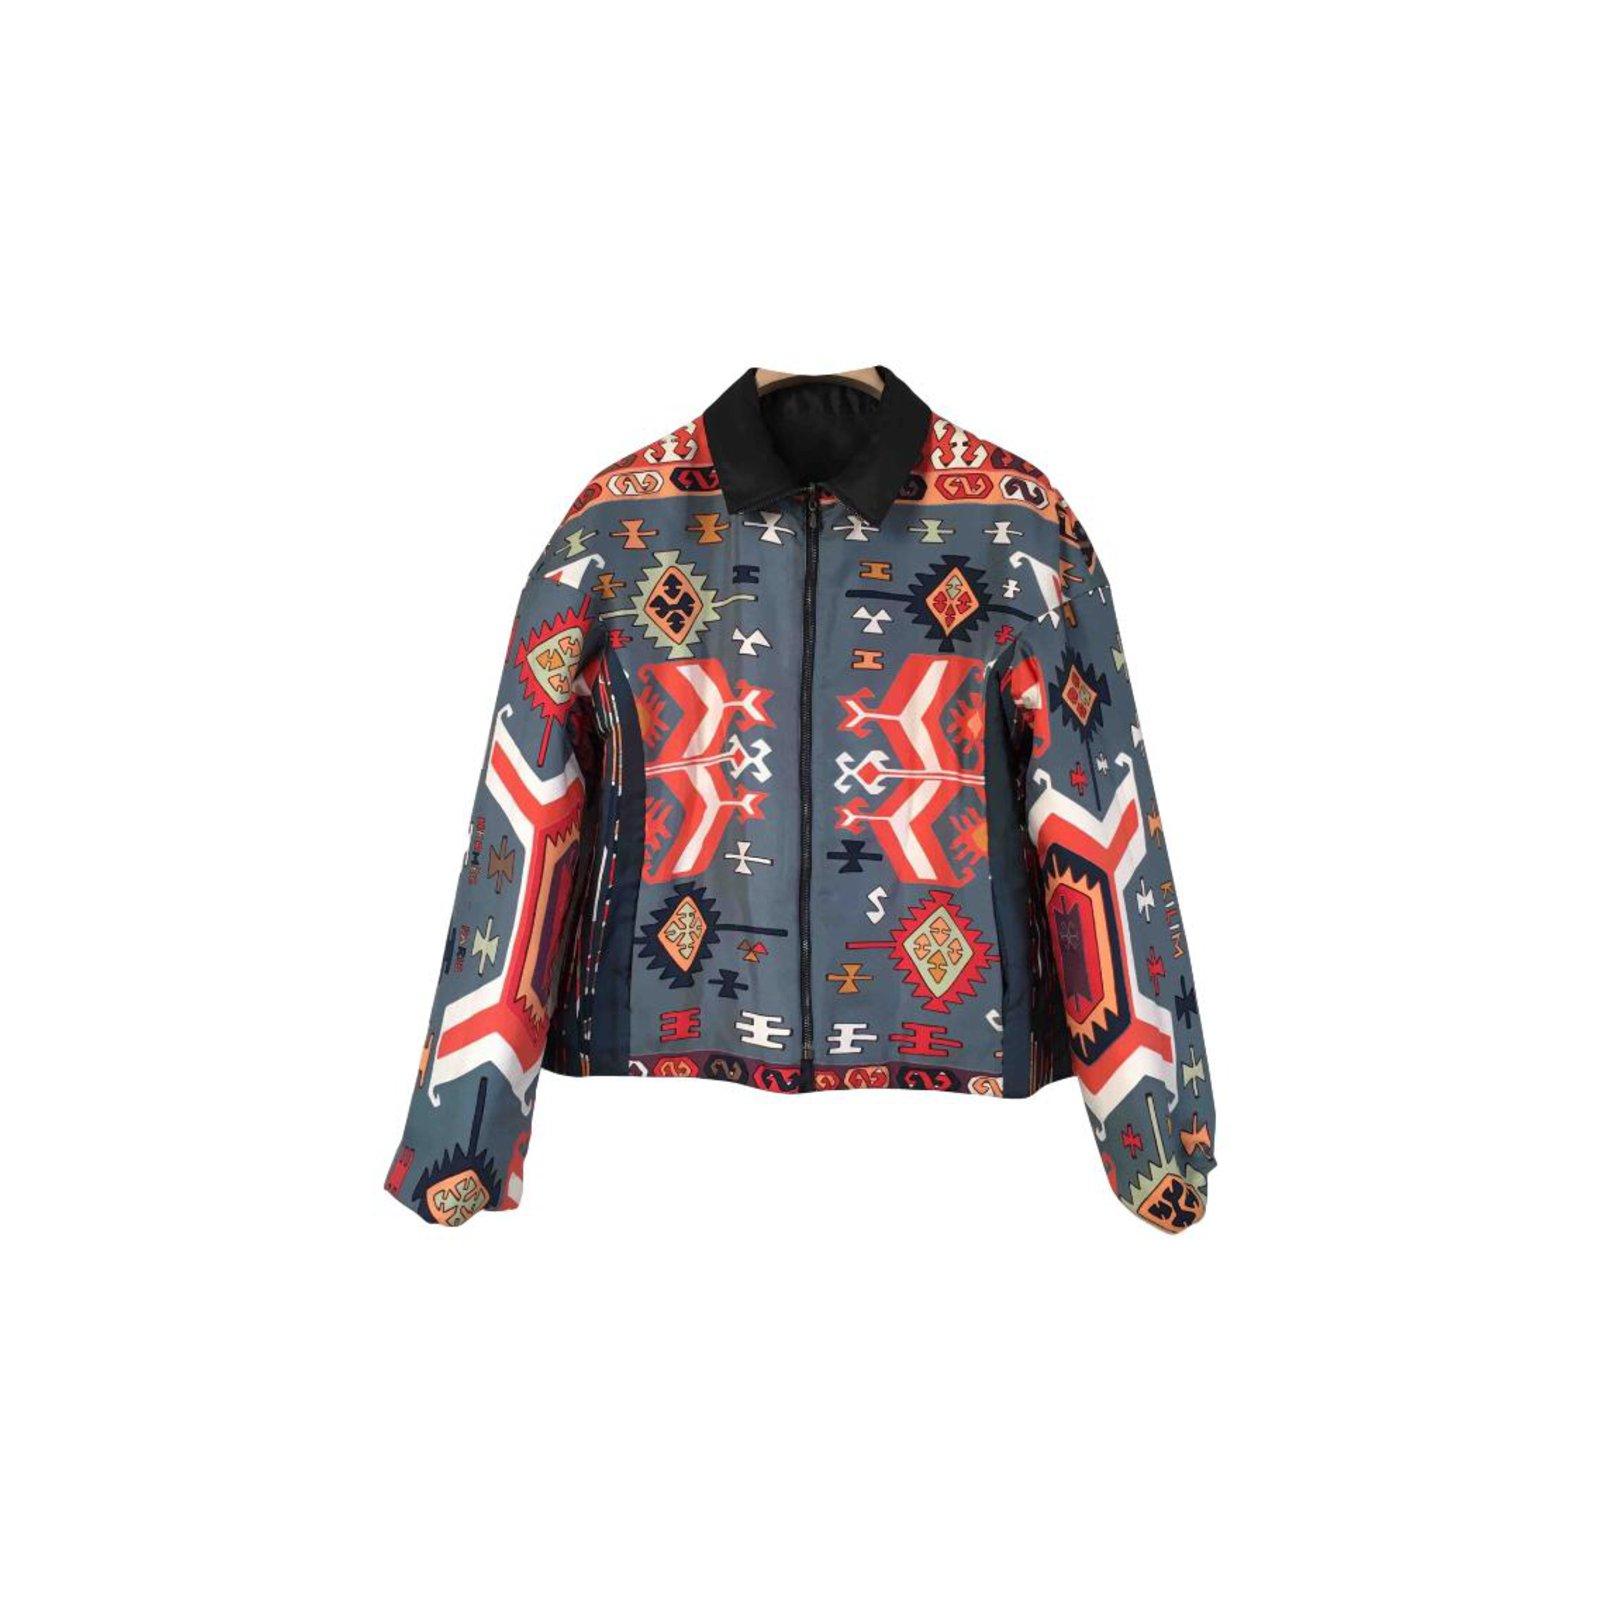 Soie Soie bleu polyester Marine Ref Hermès Vestes Multicolore Veste 68847 68847 68847 PEzCqf